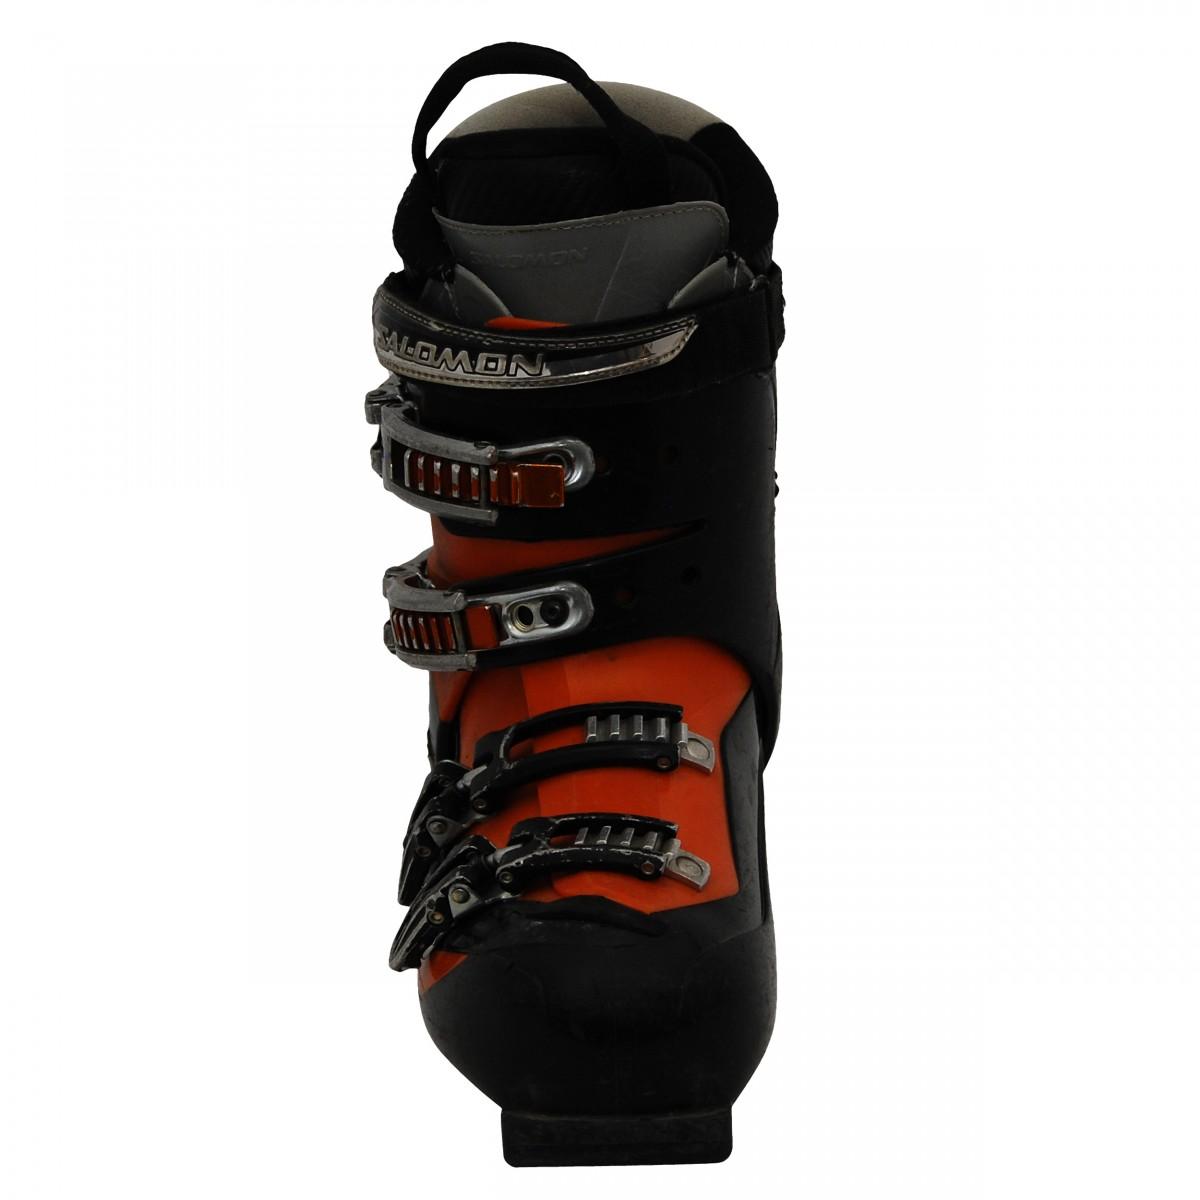 SALOMON MISSION 5 chaussures de skis d'occasion Chaussures